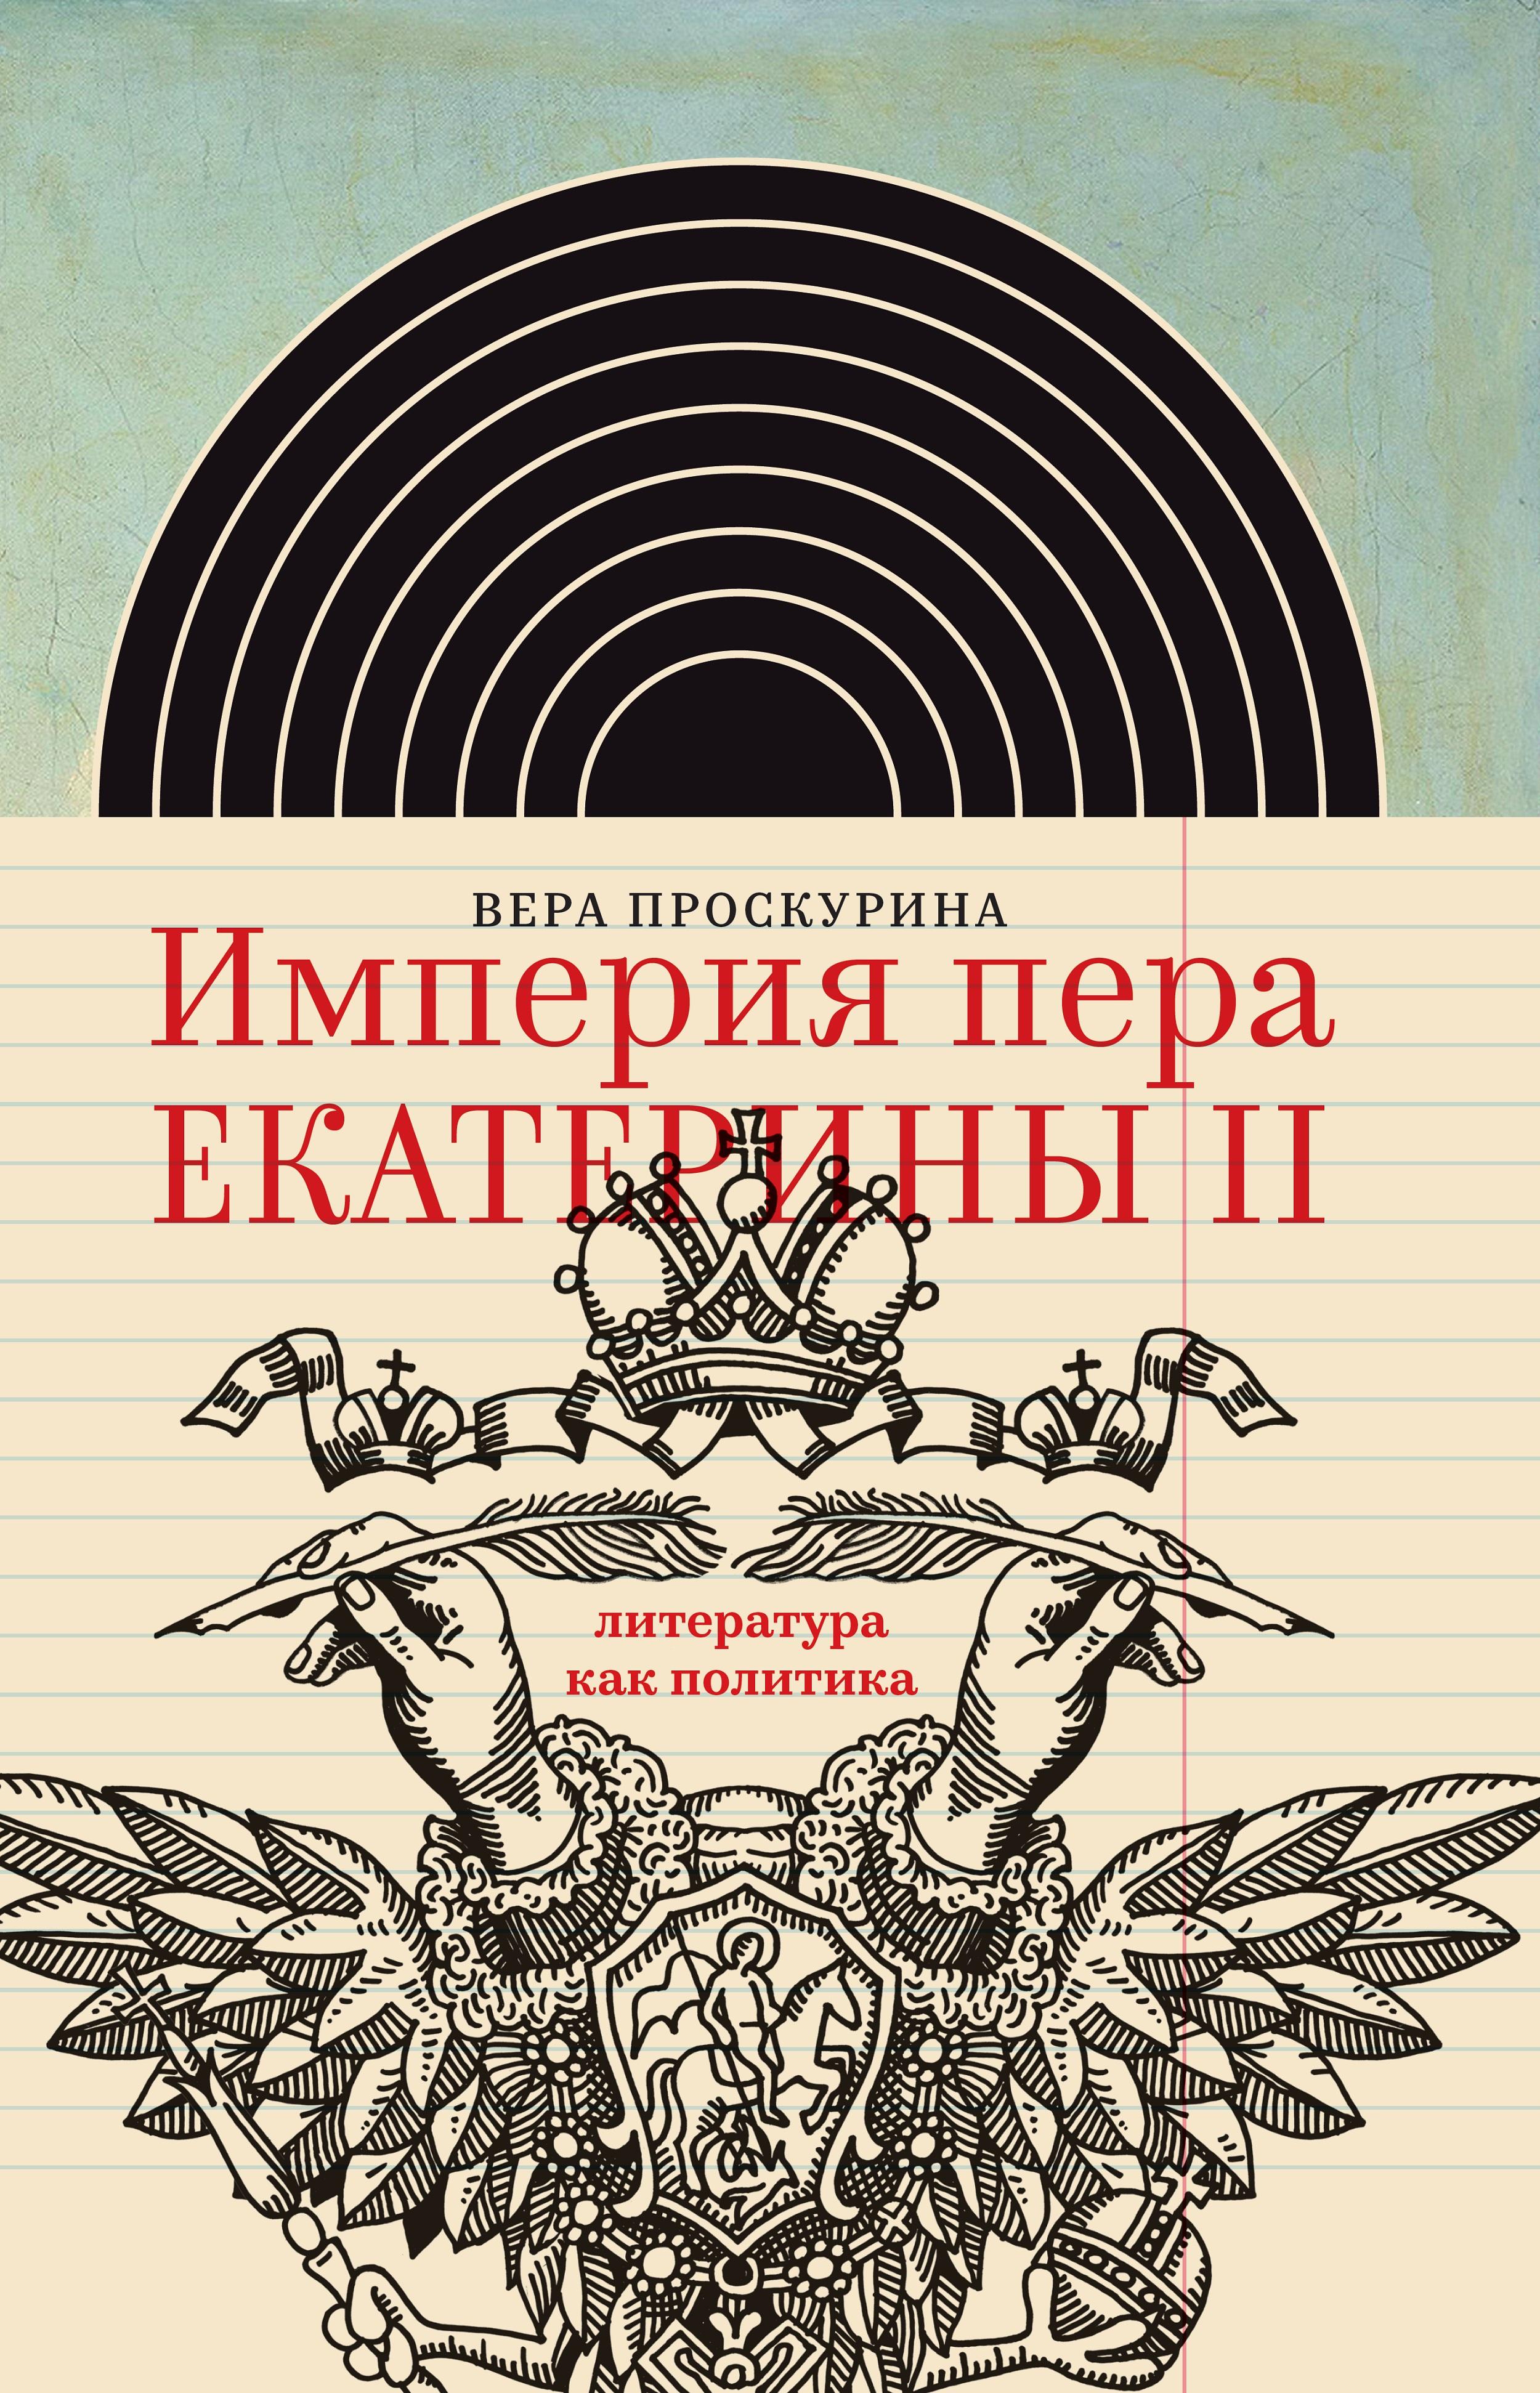 Империя пера Екатерины II: литература как политика